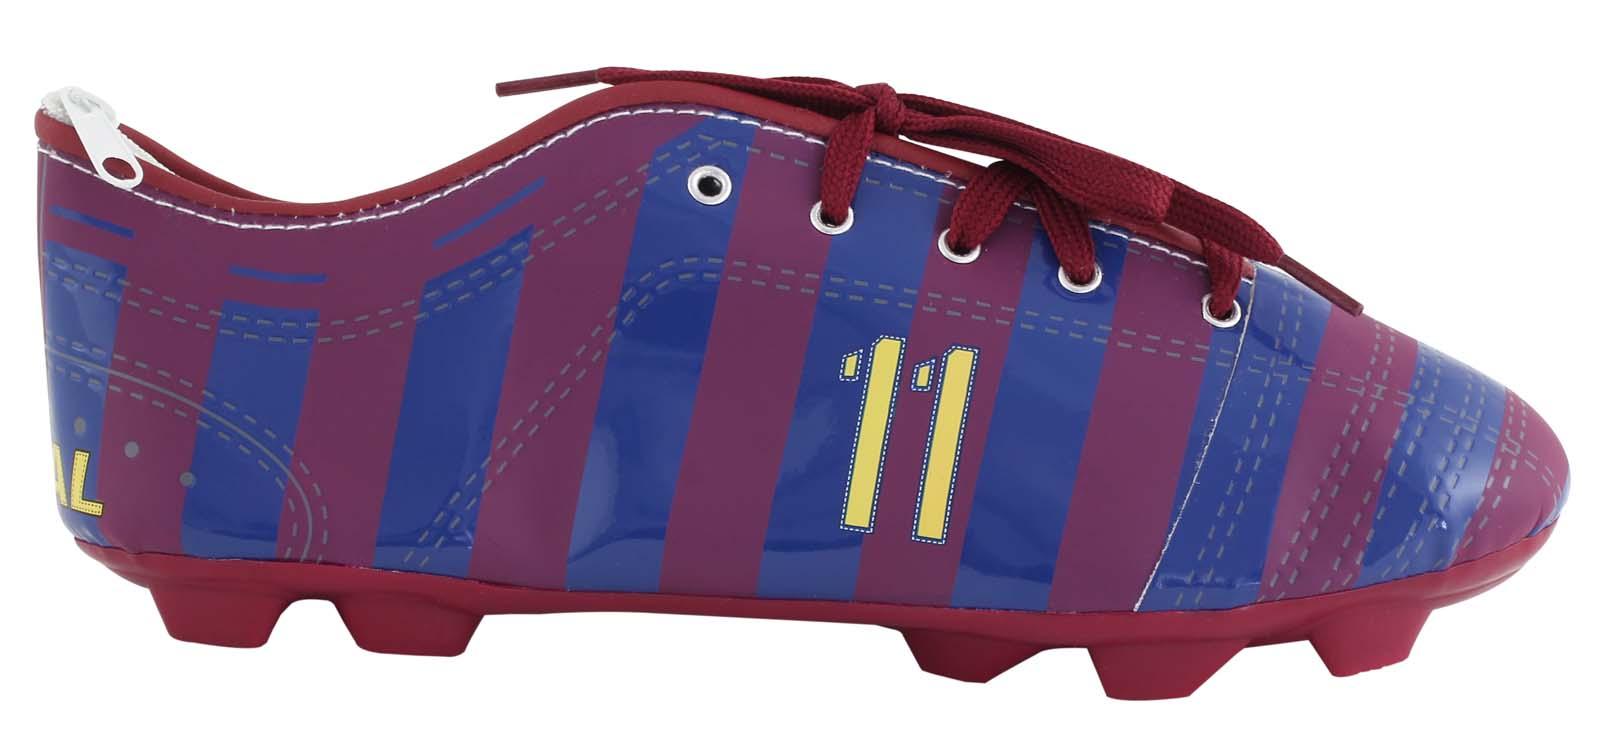 Target Collection Пенал FC Barcelona72523WDПенал Target Collection FC Barcelona станет не только практичным, но и стильным аксессуаром для любого школьника. Пенал из прочного полиэстера выполнен в виде бутсы и состоит из одного вместительного отделения, закрывающегося на застежку-молнию. Пенал дополнен шнуровкой.Такой пенал станет незаменимым помощником для школьника, с ним ручки и карандаши всегда будут под рукой и больше не потеряются.